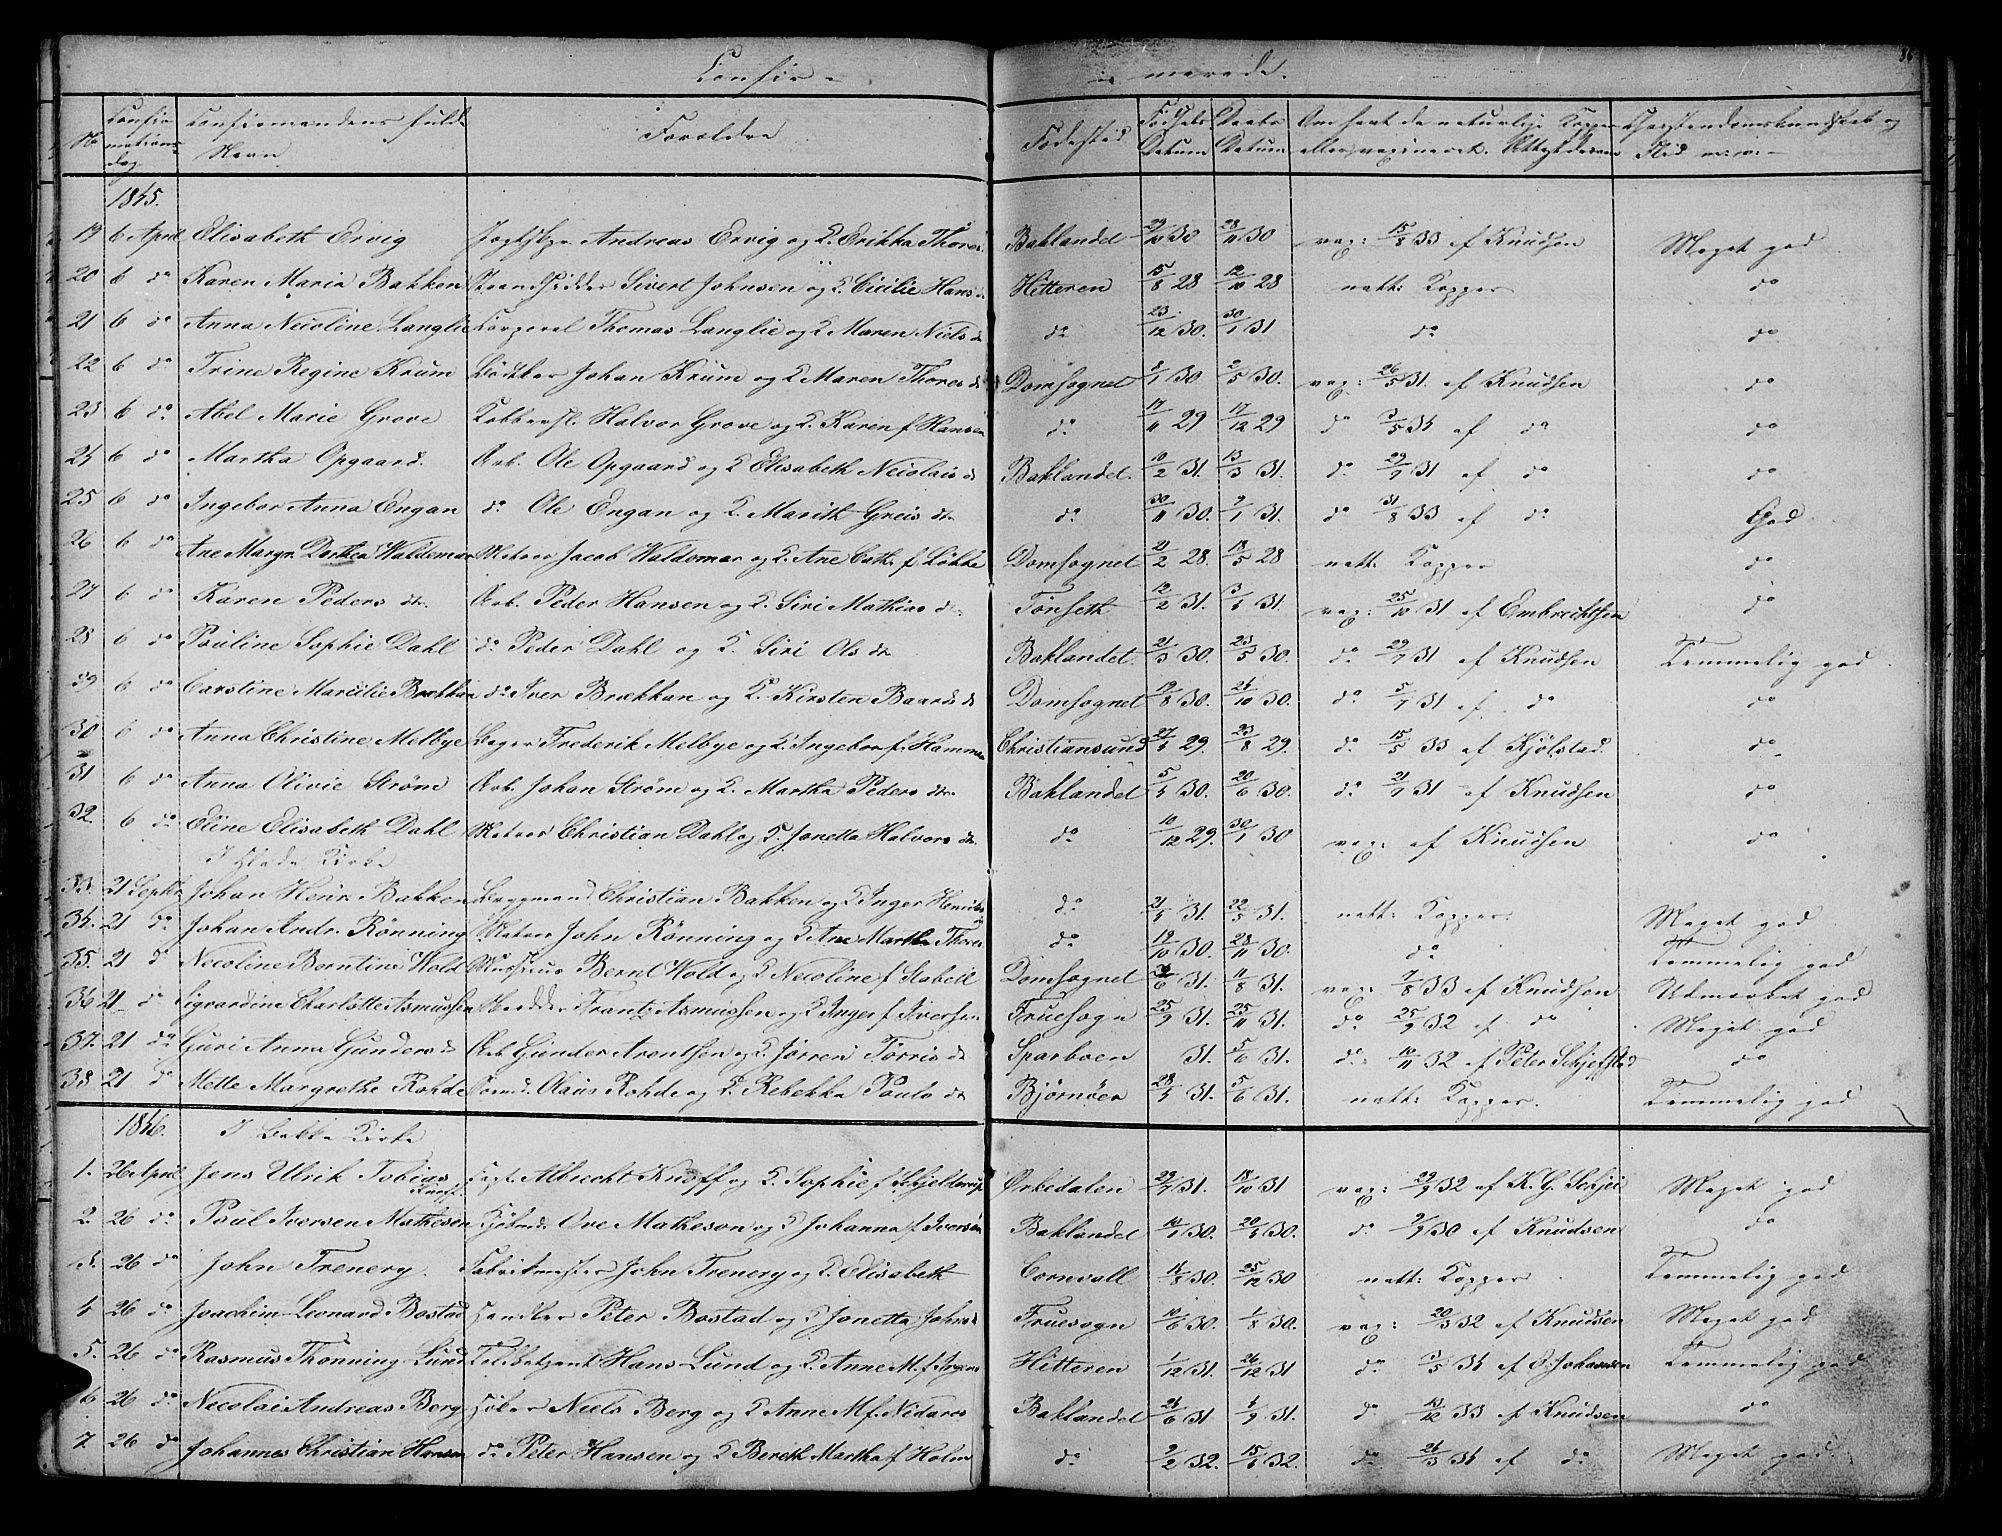 SAT, Ministerialprotokoller, klokkerbøker og fødselsregistre - Sør-Trøndelag, 604/L0182: Ministerialbok nr. 604A03, 1818-1850, s. 86